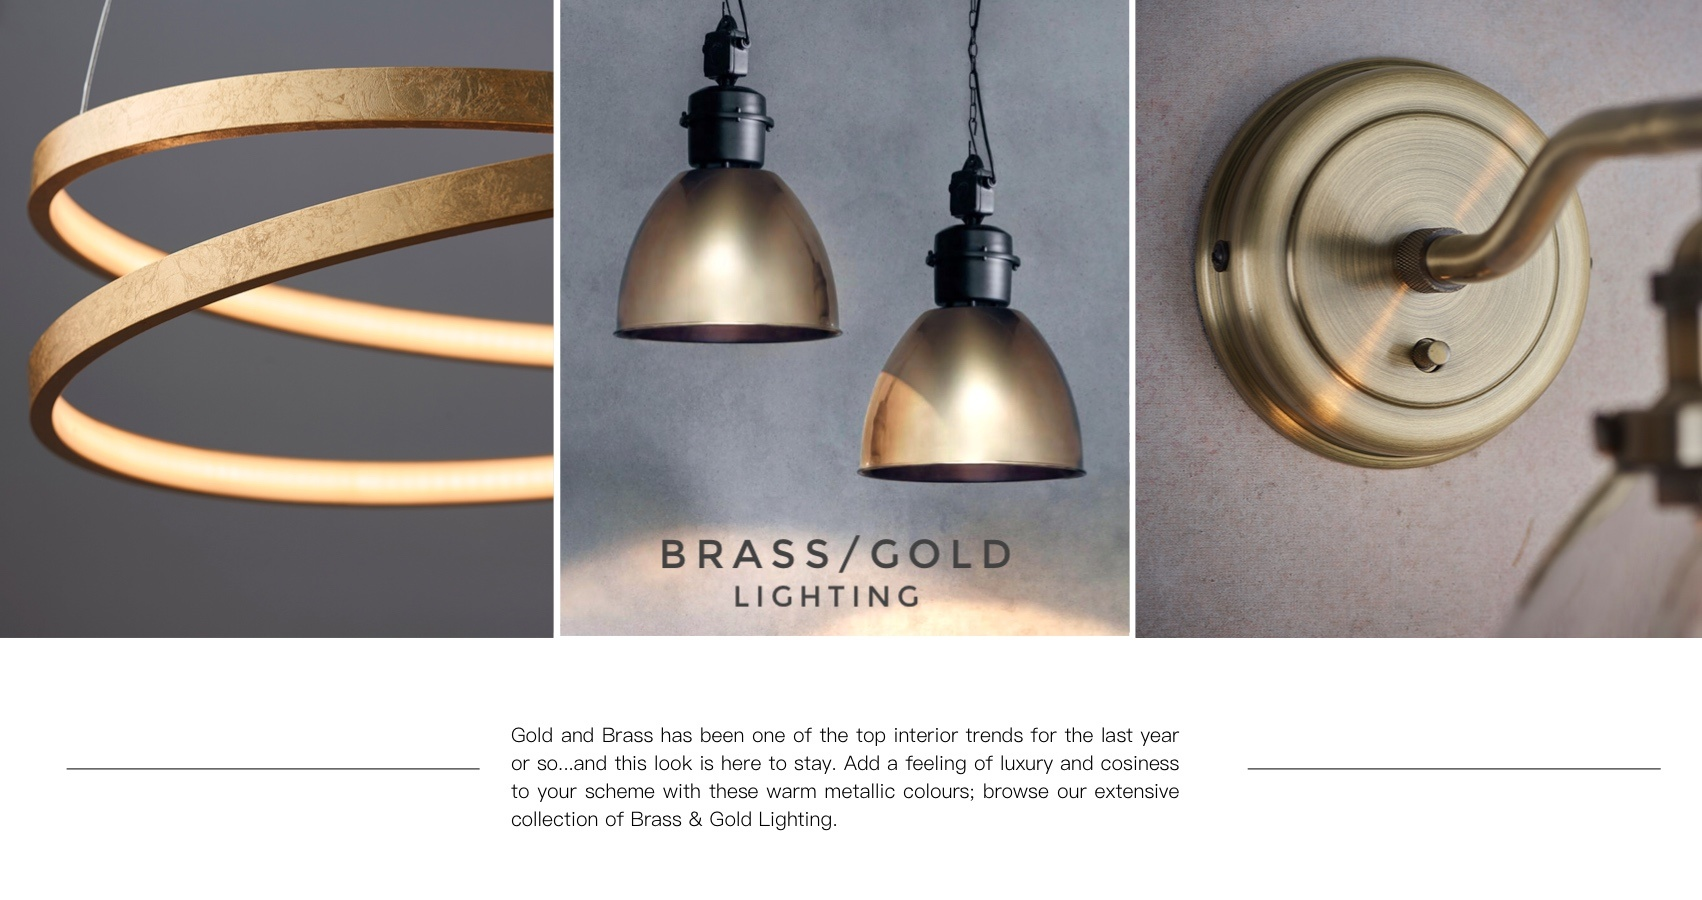 Brass/Gold Lighting